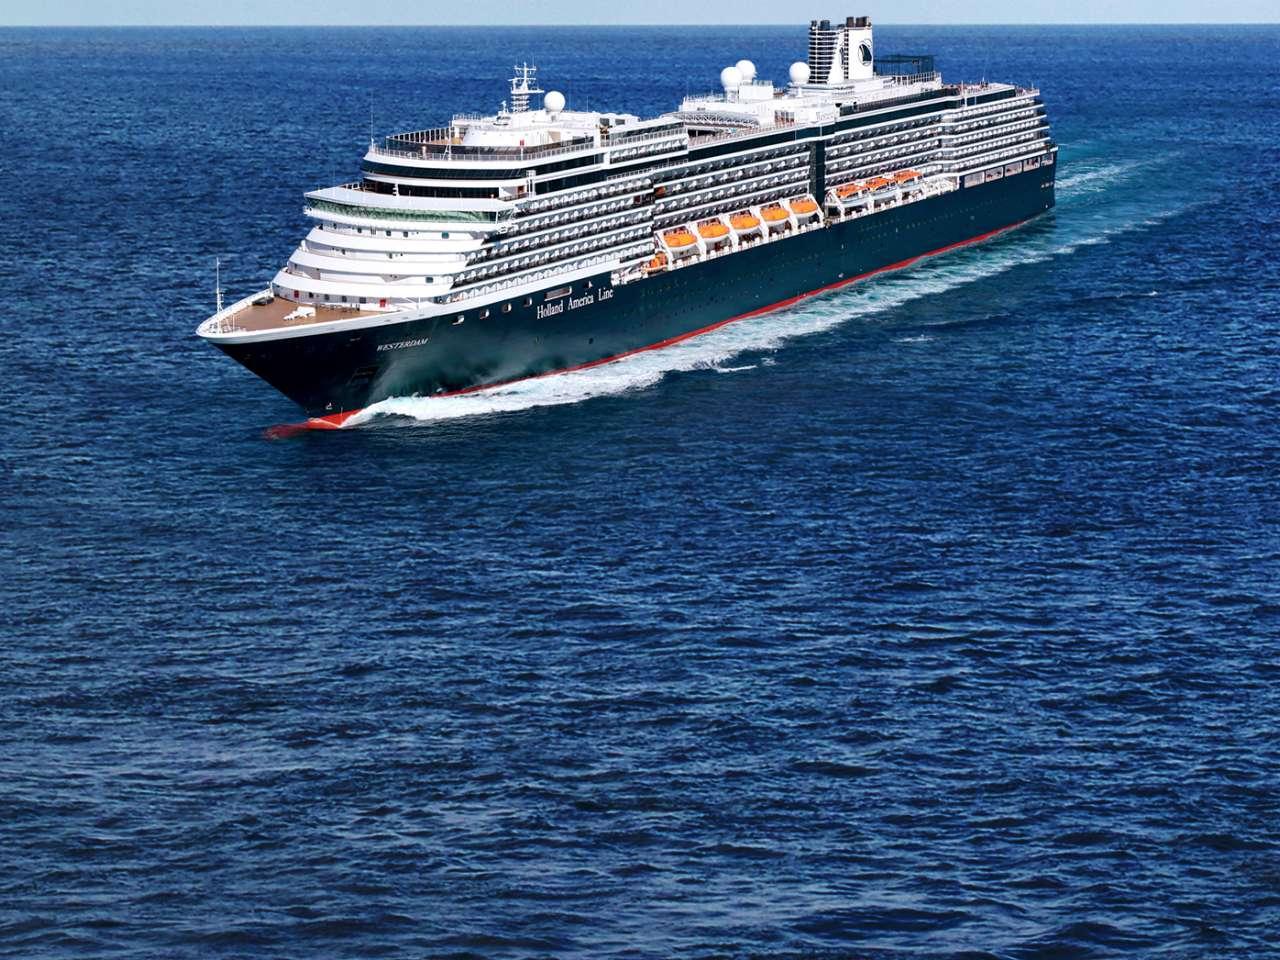 Власти Таиланда отказали круизному лайнеру Westerdam в заходе в порт страны в связи с опасностью коронавируса